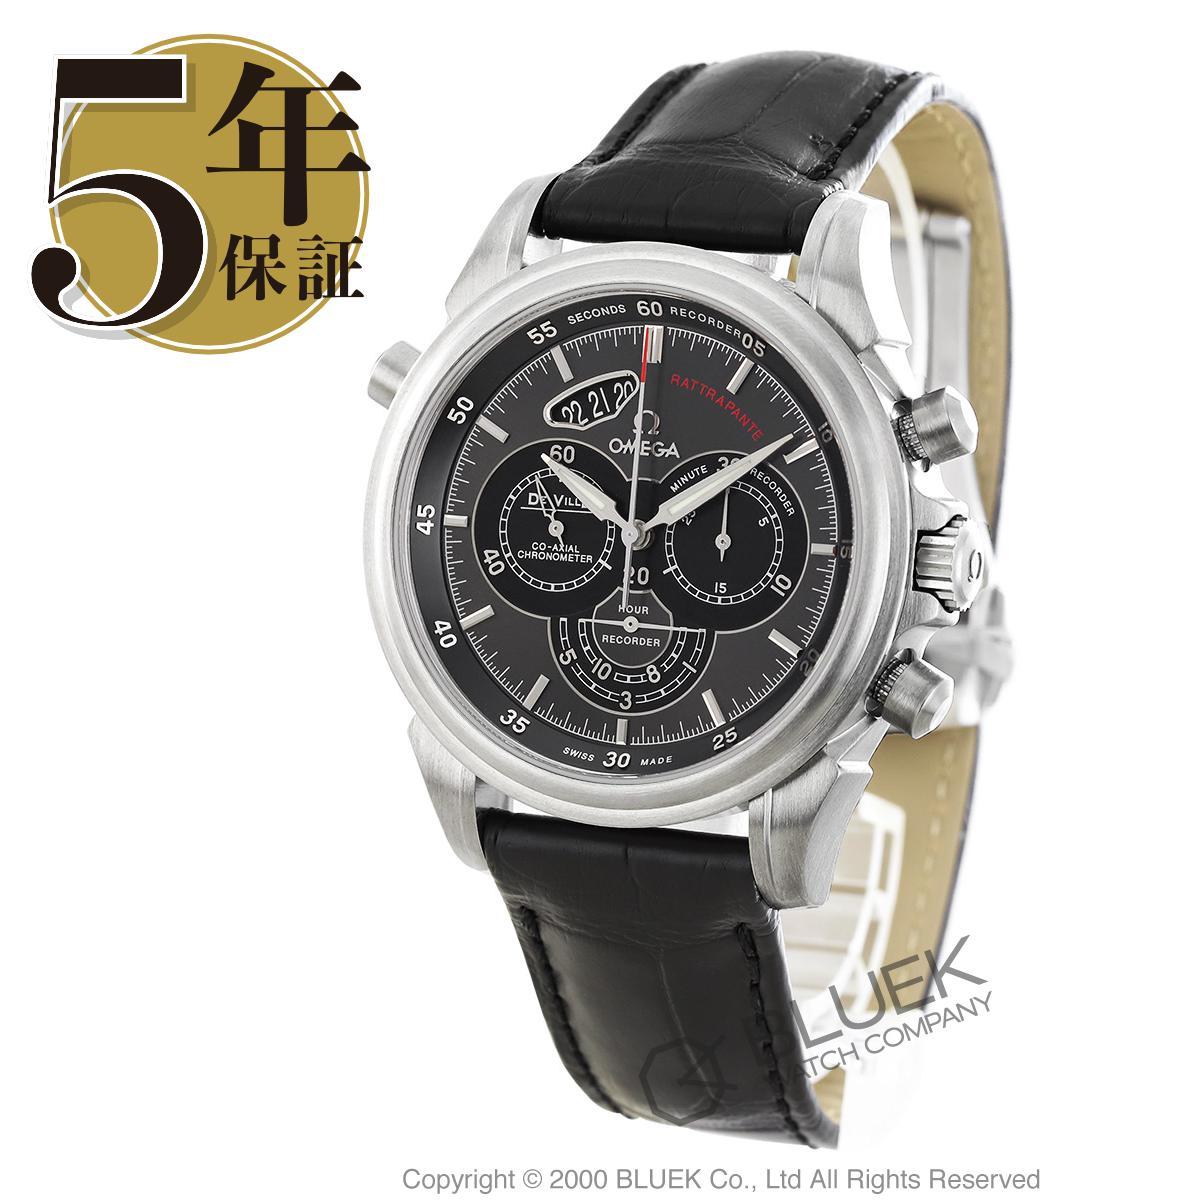 オメガ デビル コーアクシャル クロノスコープ ラトラパンテ クロノグラフ アリゲーターレザー 腕時計 メンズ OMEGA 422.13.44.51.06.001_5